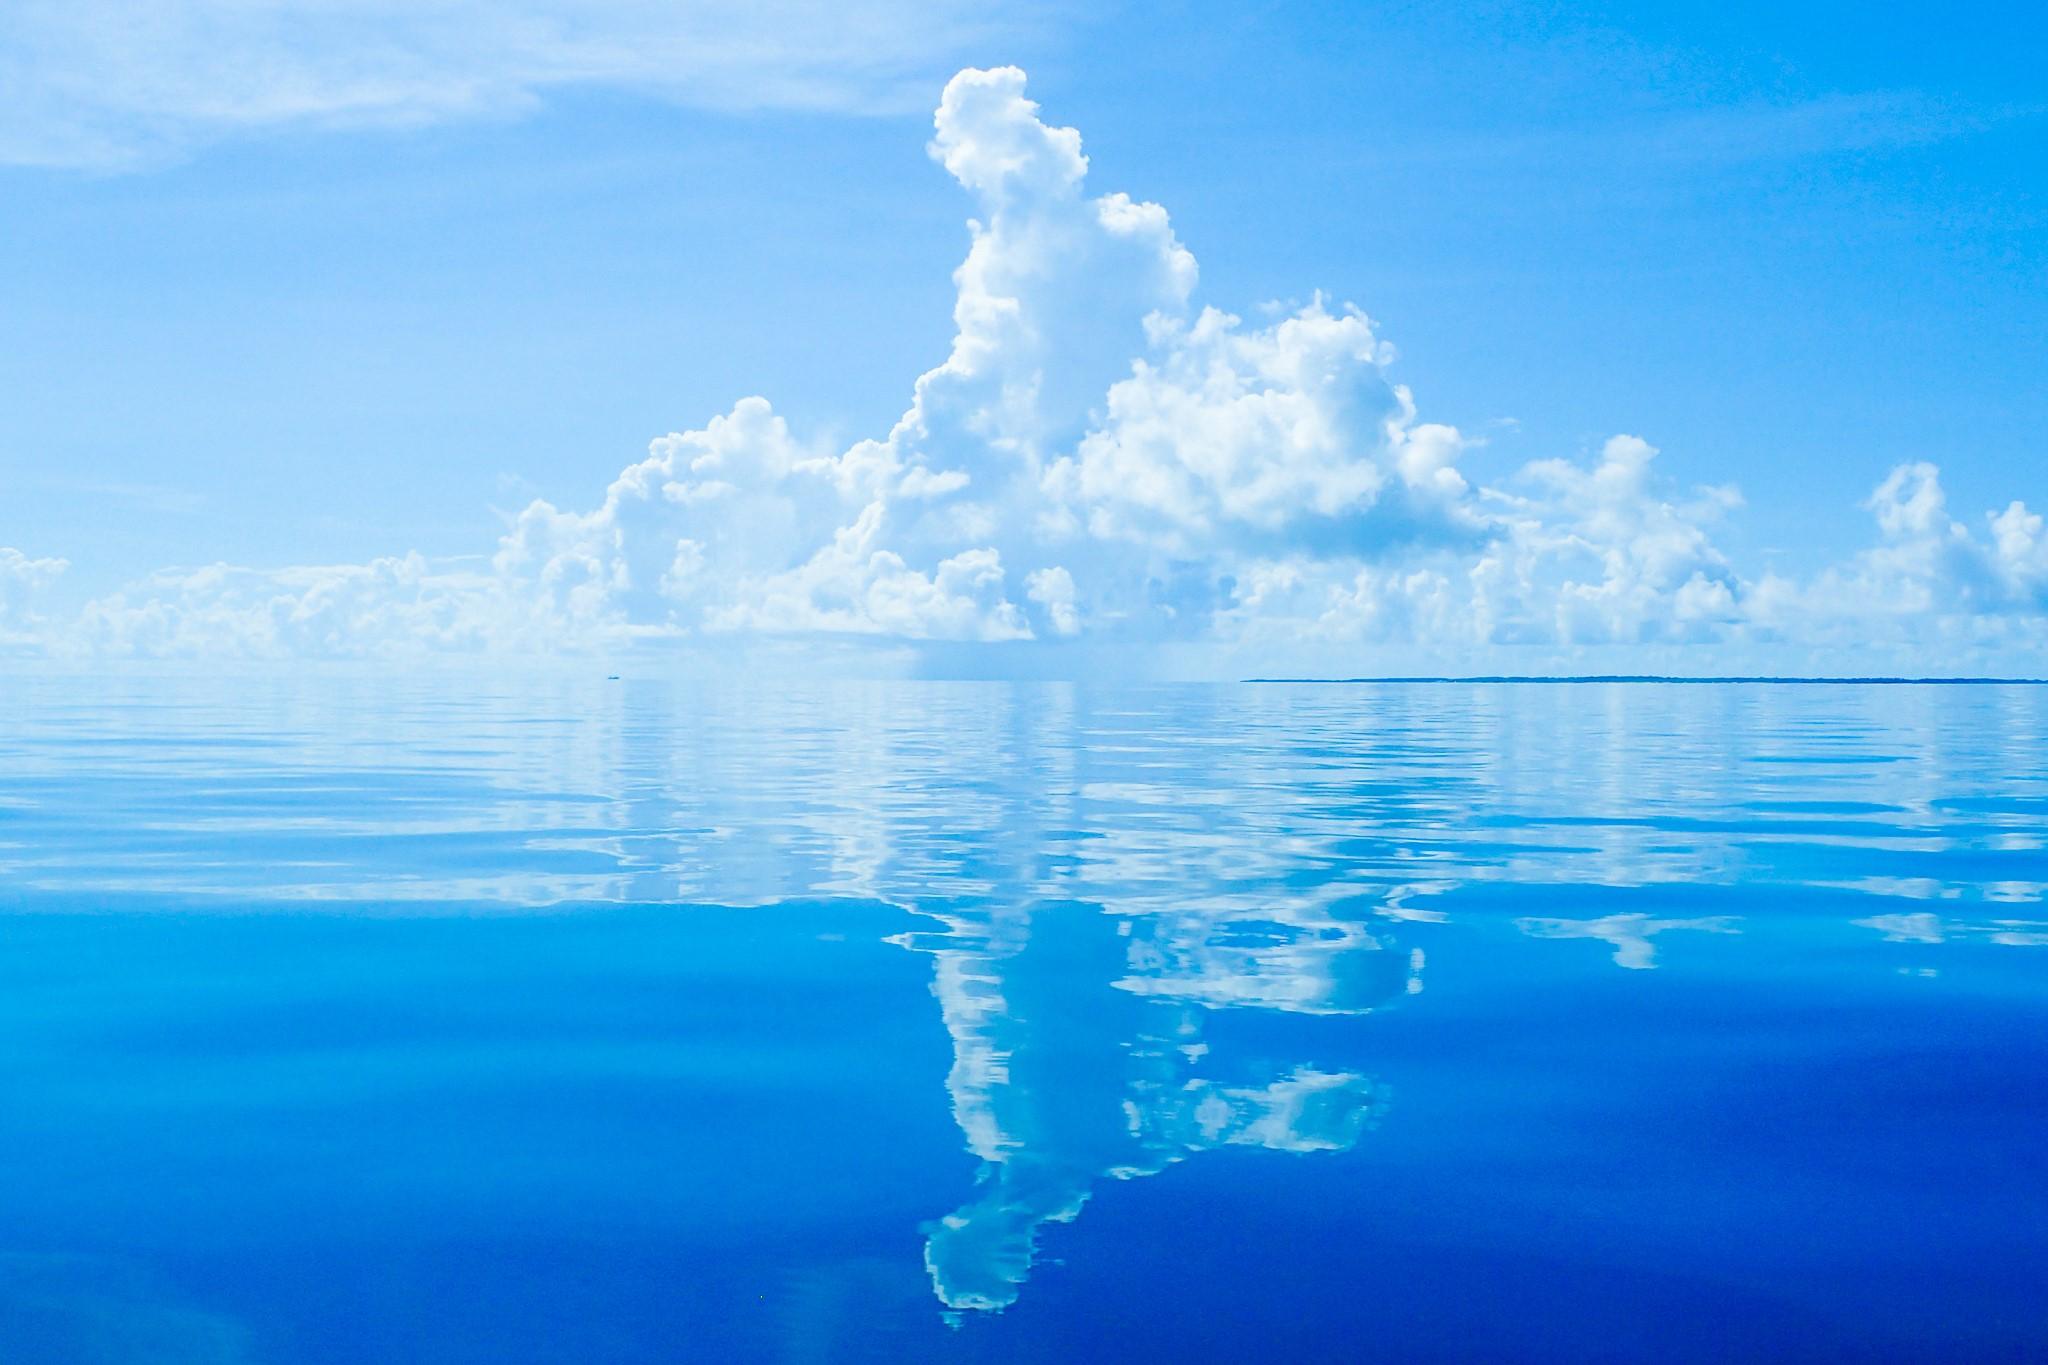 長浜の海水浴場ならココがおすすめ!宿泊施設や釣りが出来る人気スポットもあり